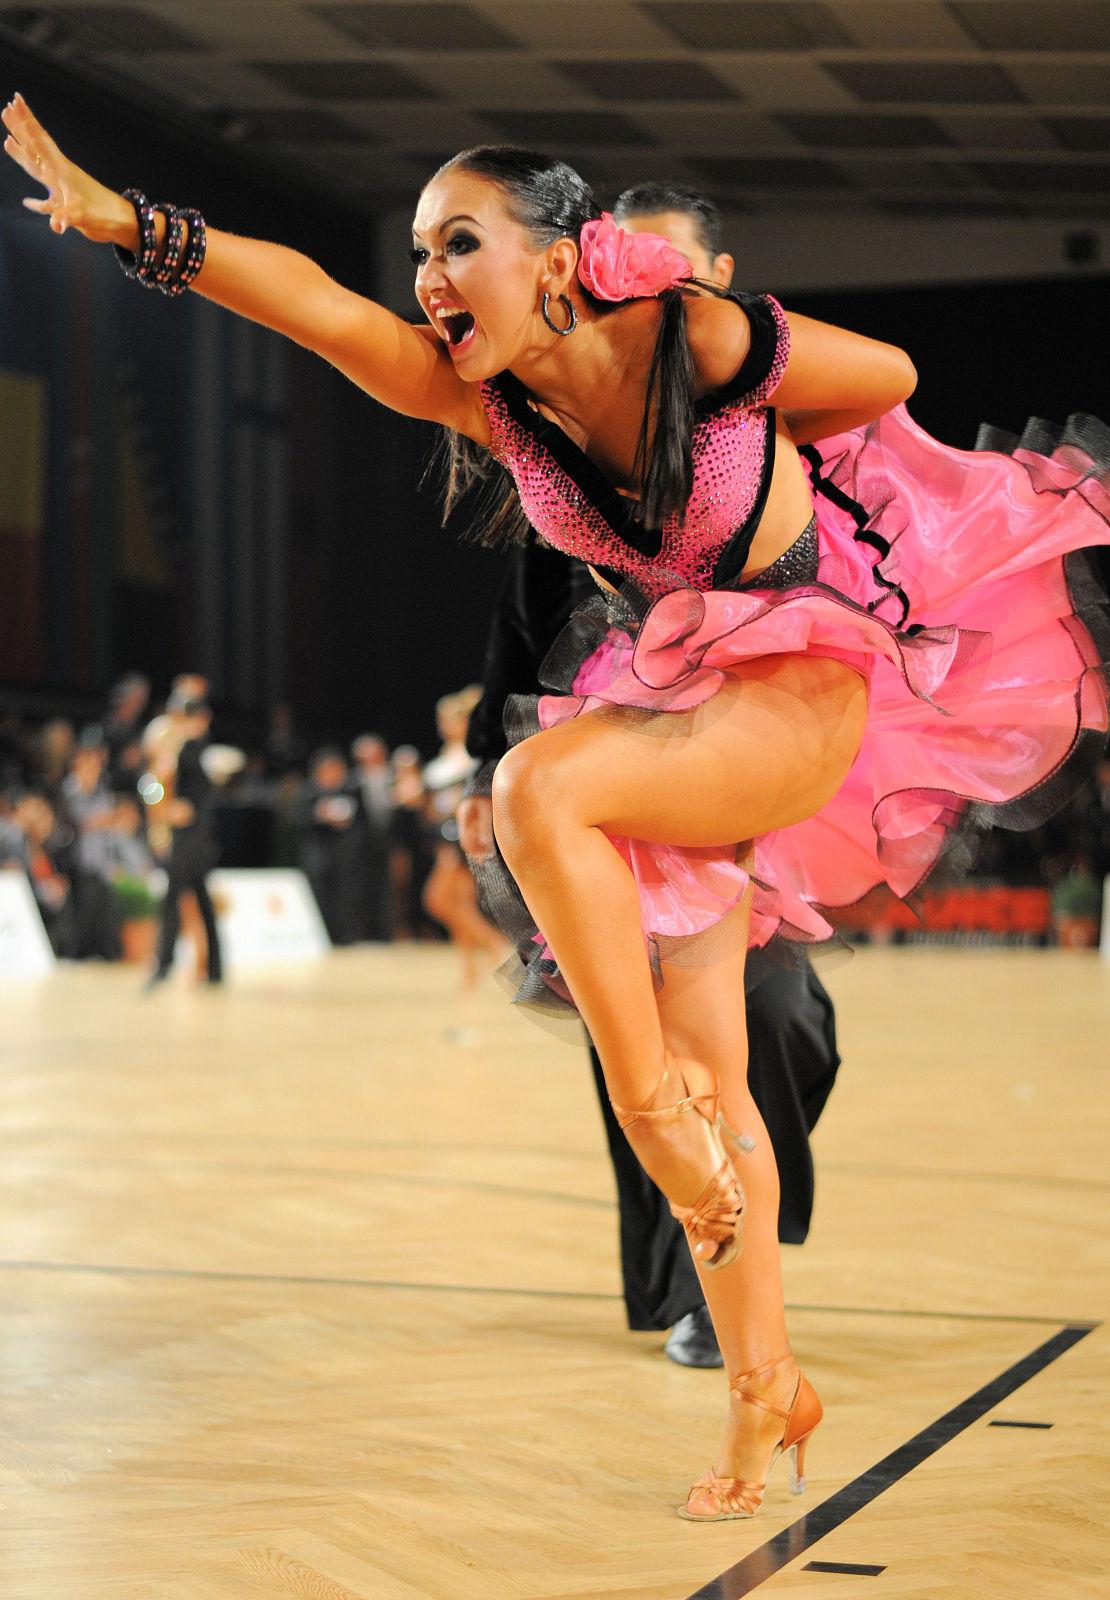 LM Danse jive